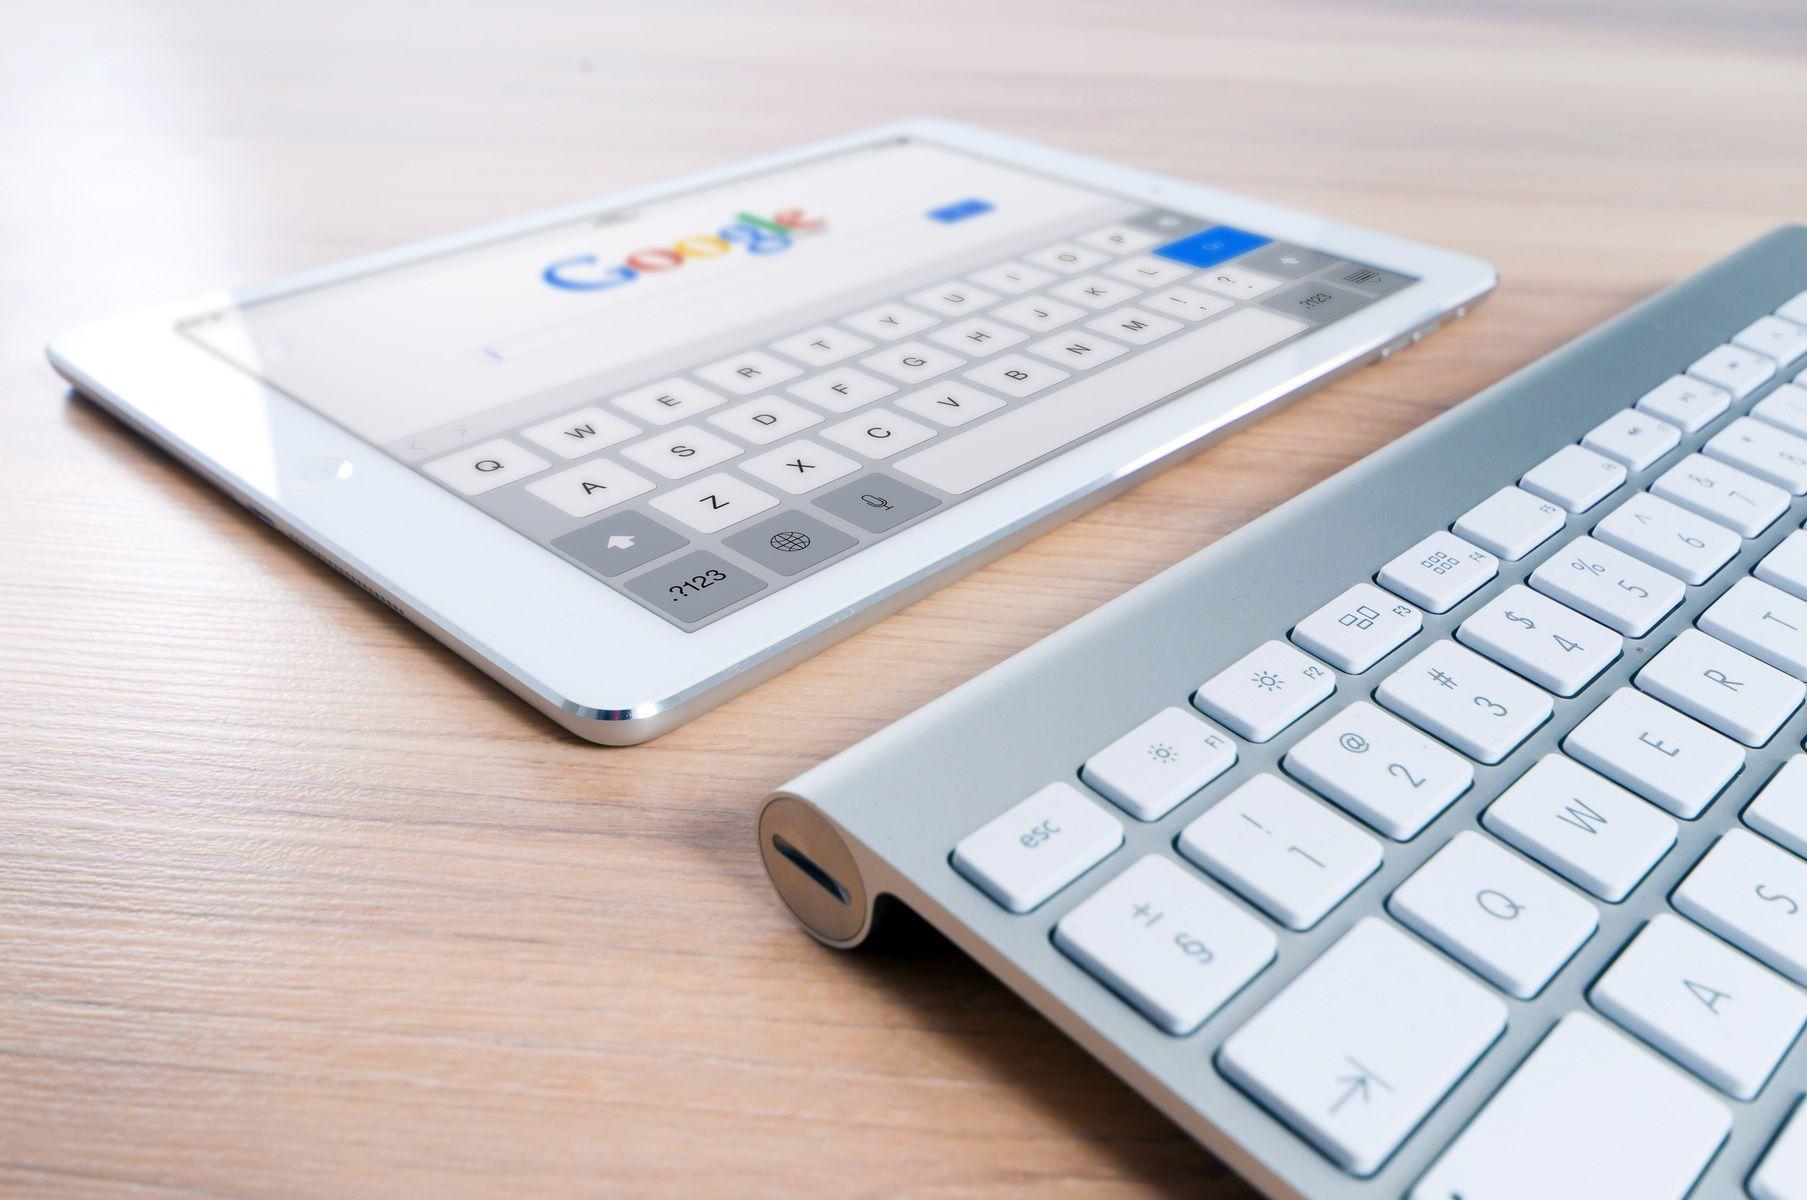 How to Change Your iPad Keyboard Settings